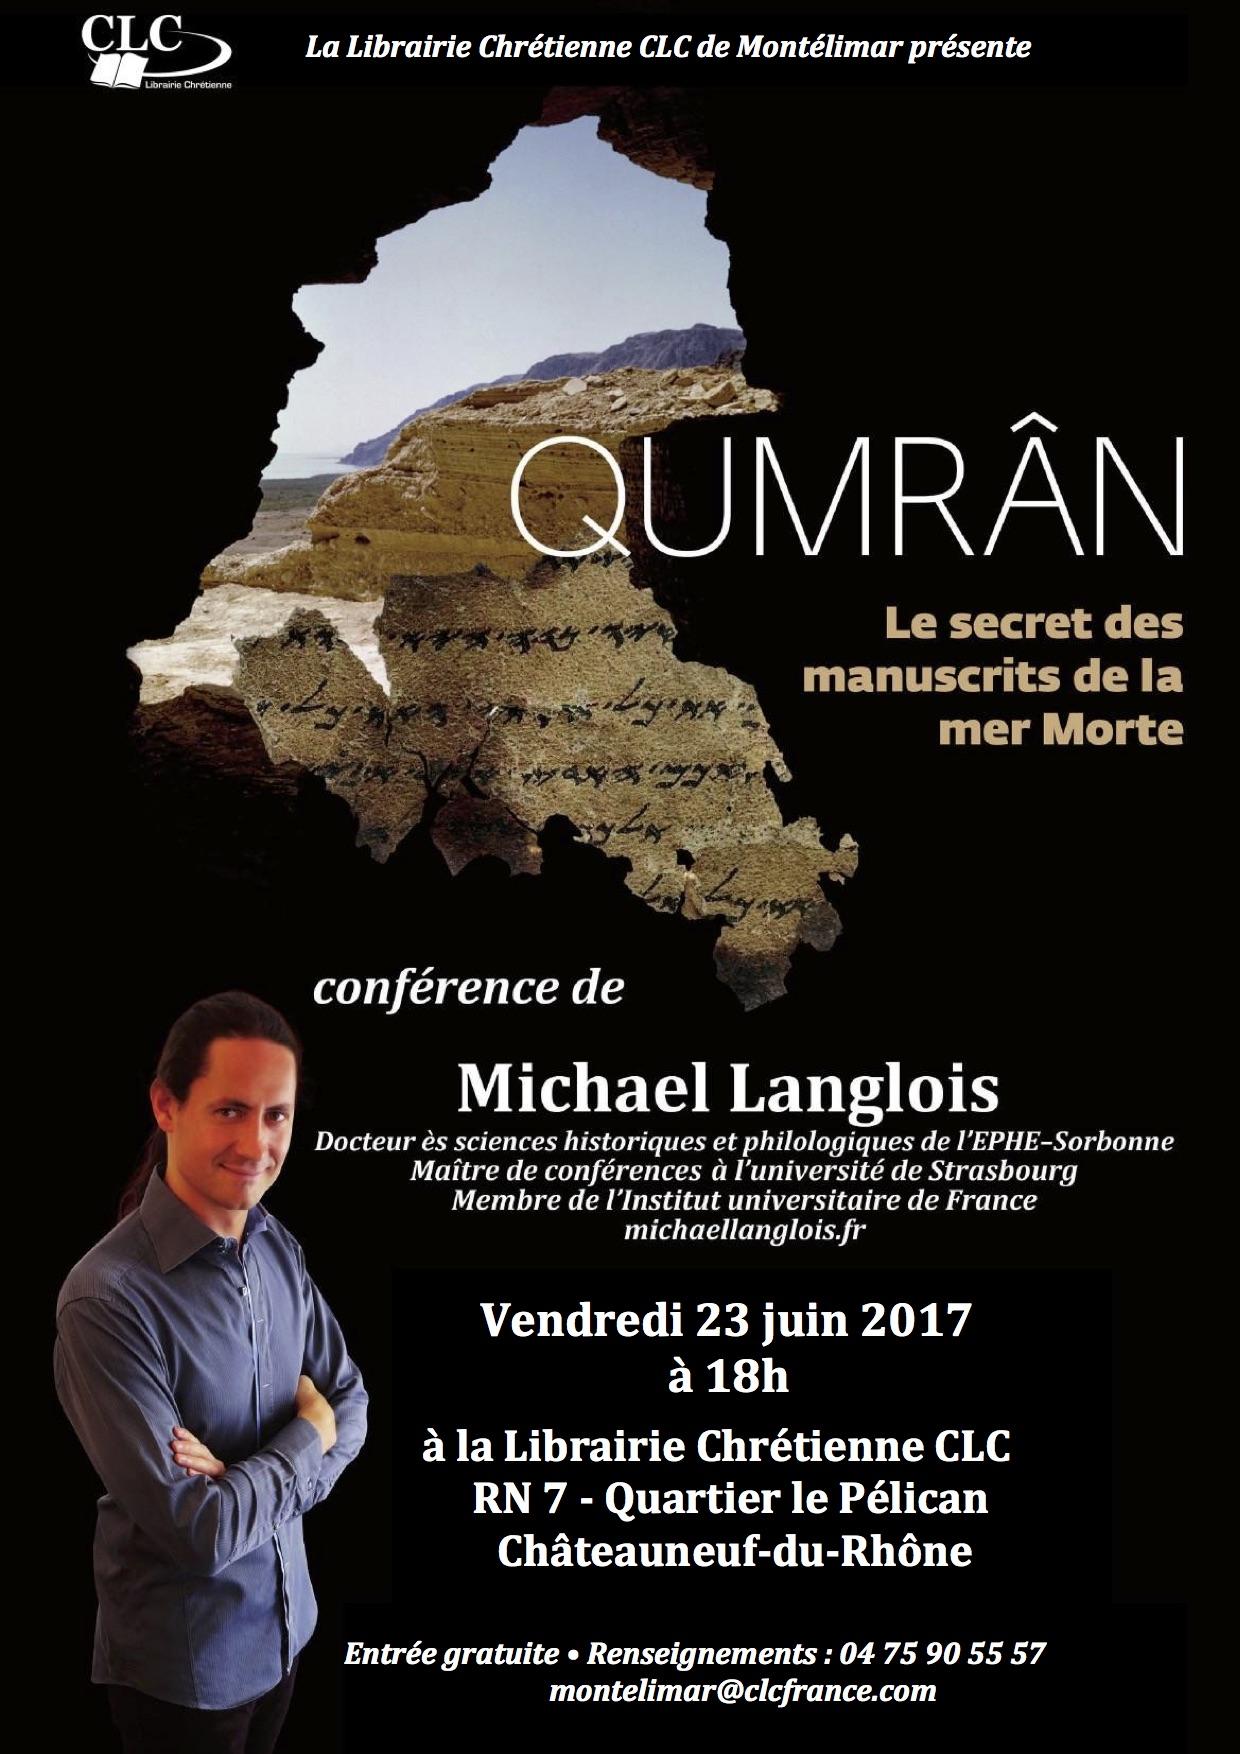 Conférence Michael Langlois Qumrân le secret des manuscrits de la mer Morte 23 juin 2017 18h Montélimar